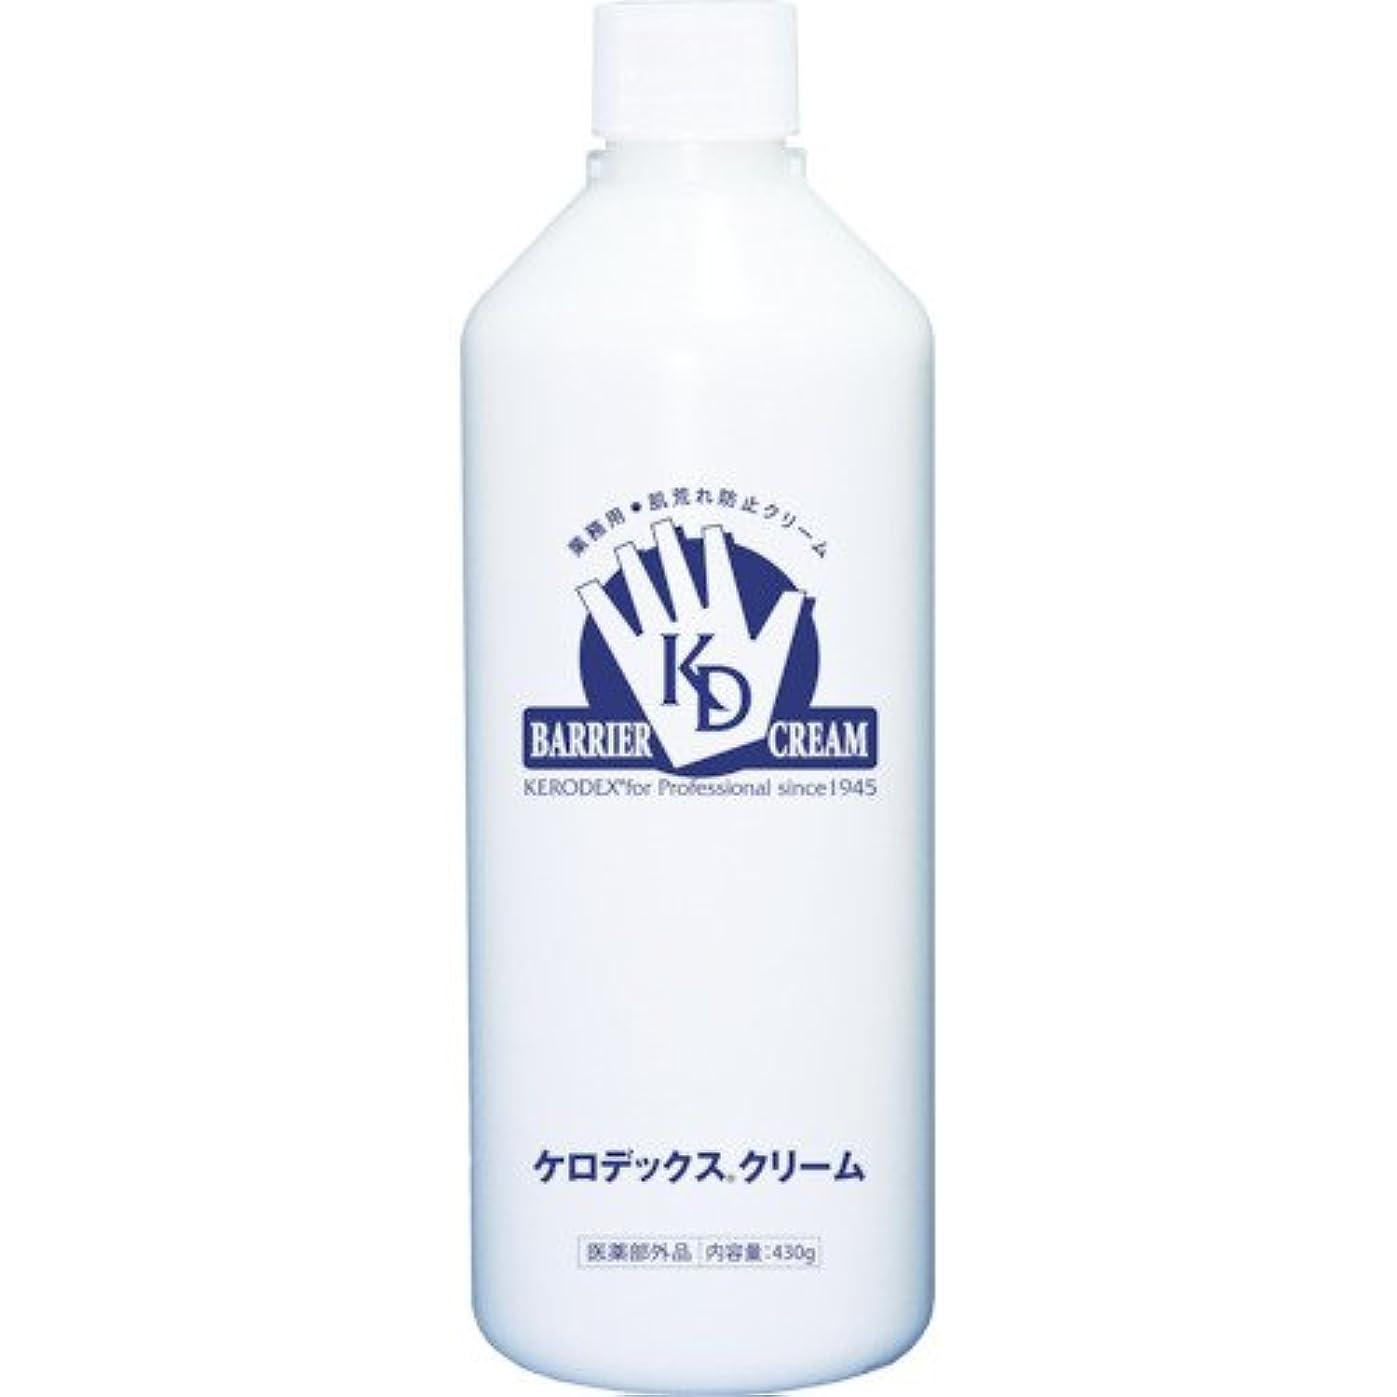 潤滑する行列モードリンケロデックスクリーム ボトルタイプ 詰替用 430g